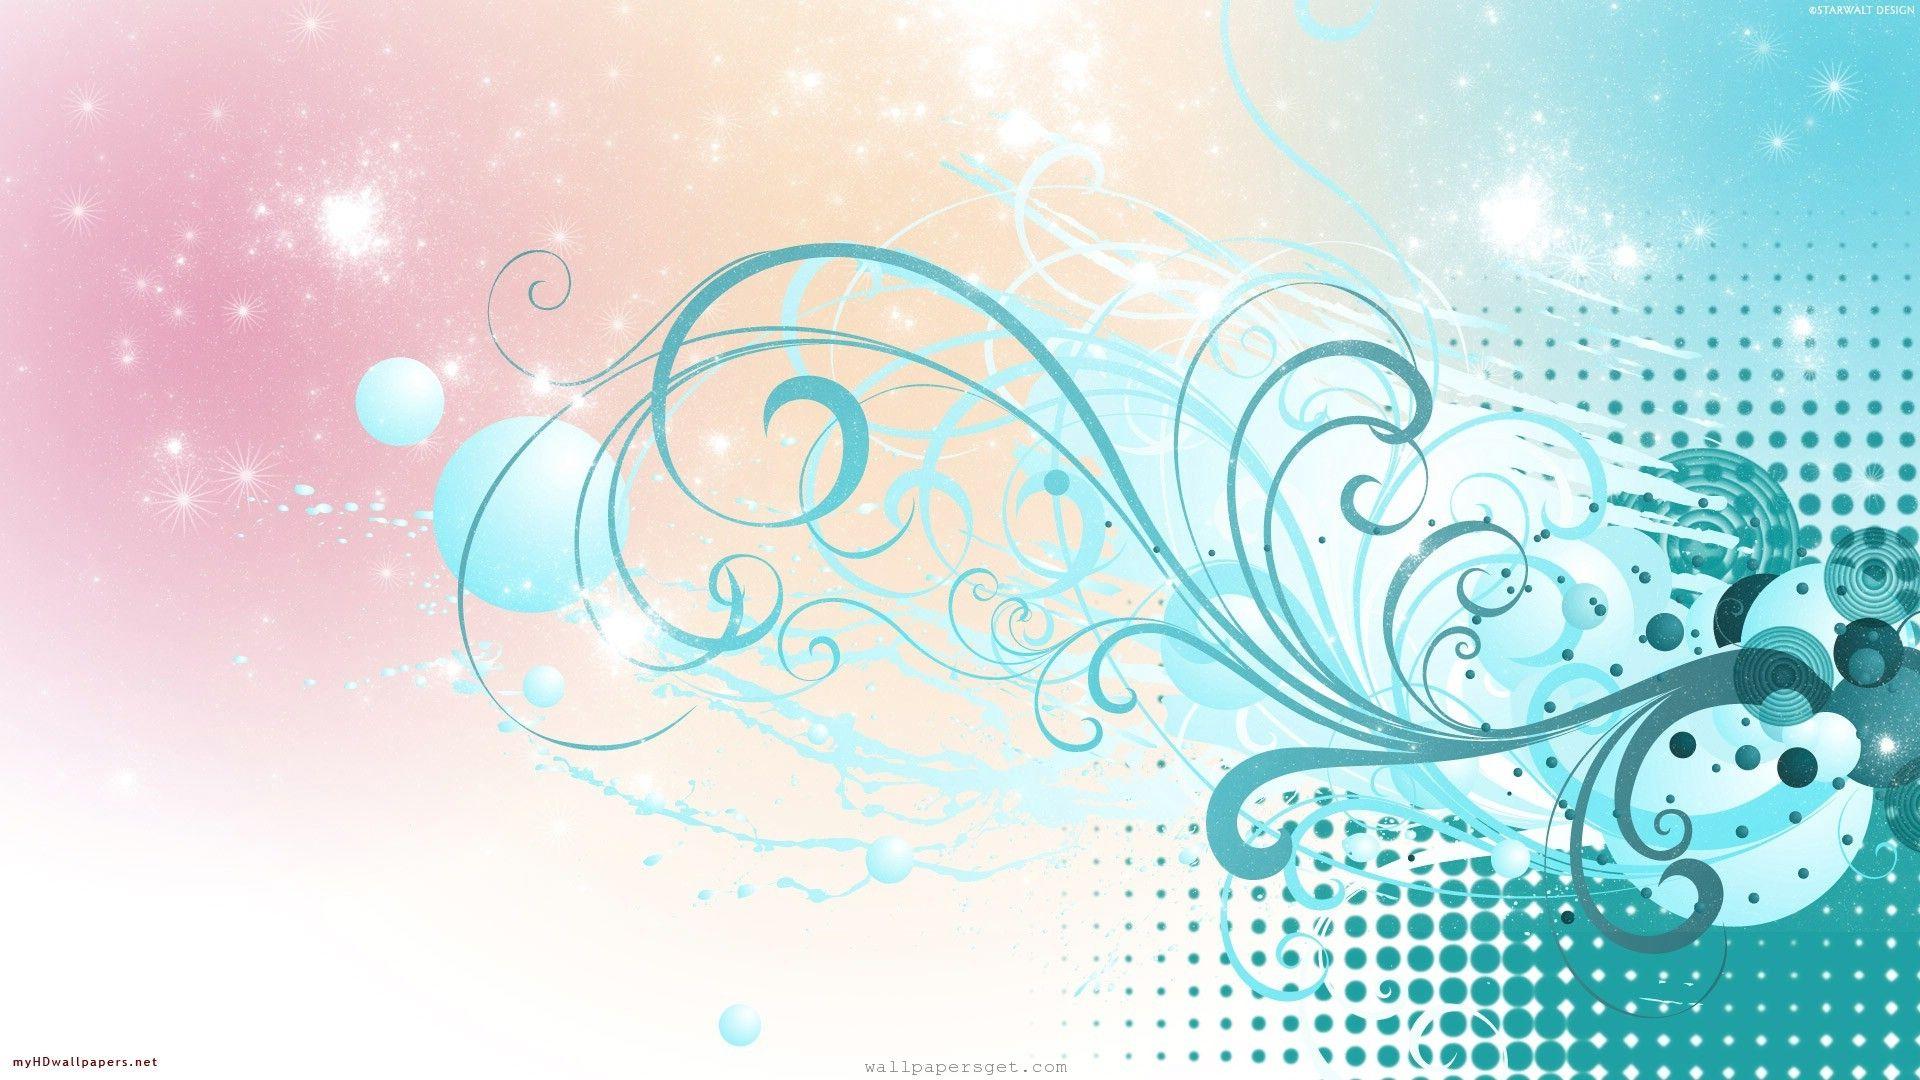 Background Cool Background Designs Desktop Background Design Background Design